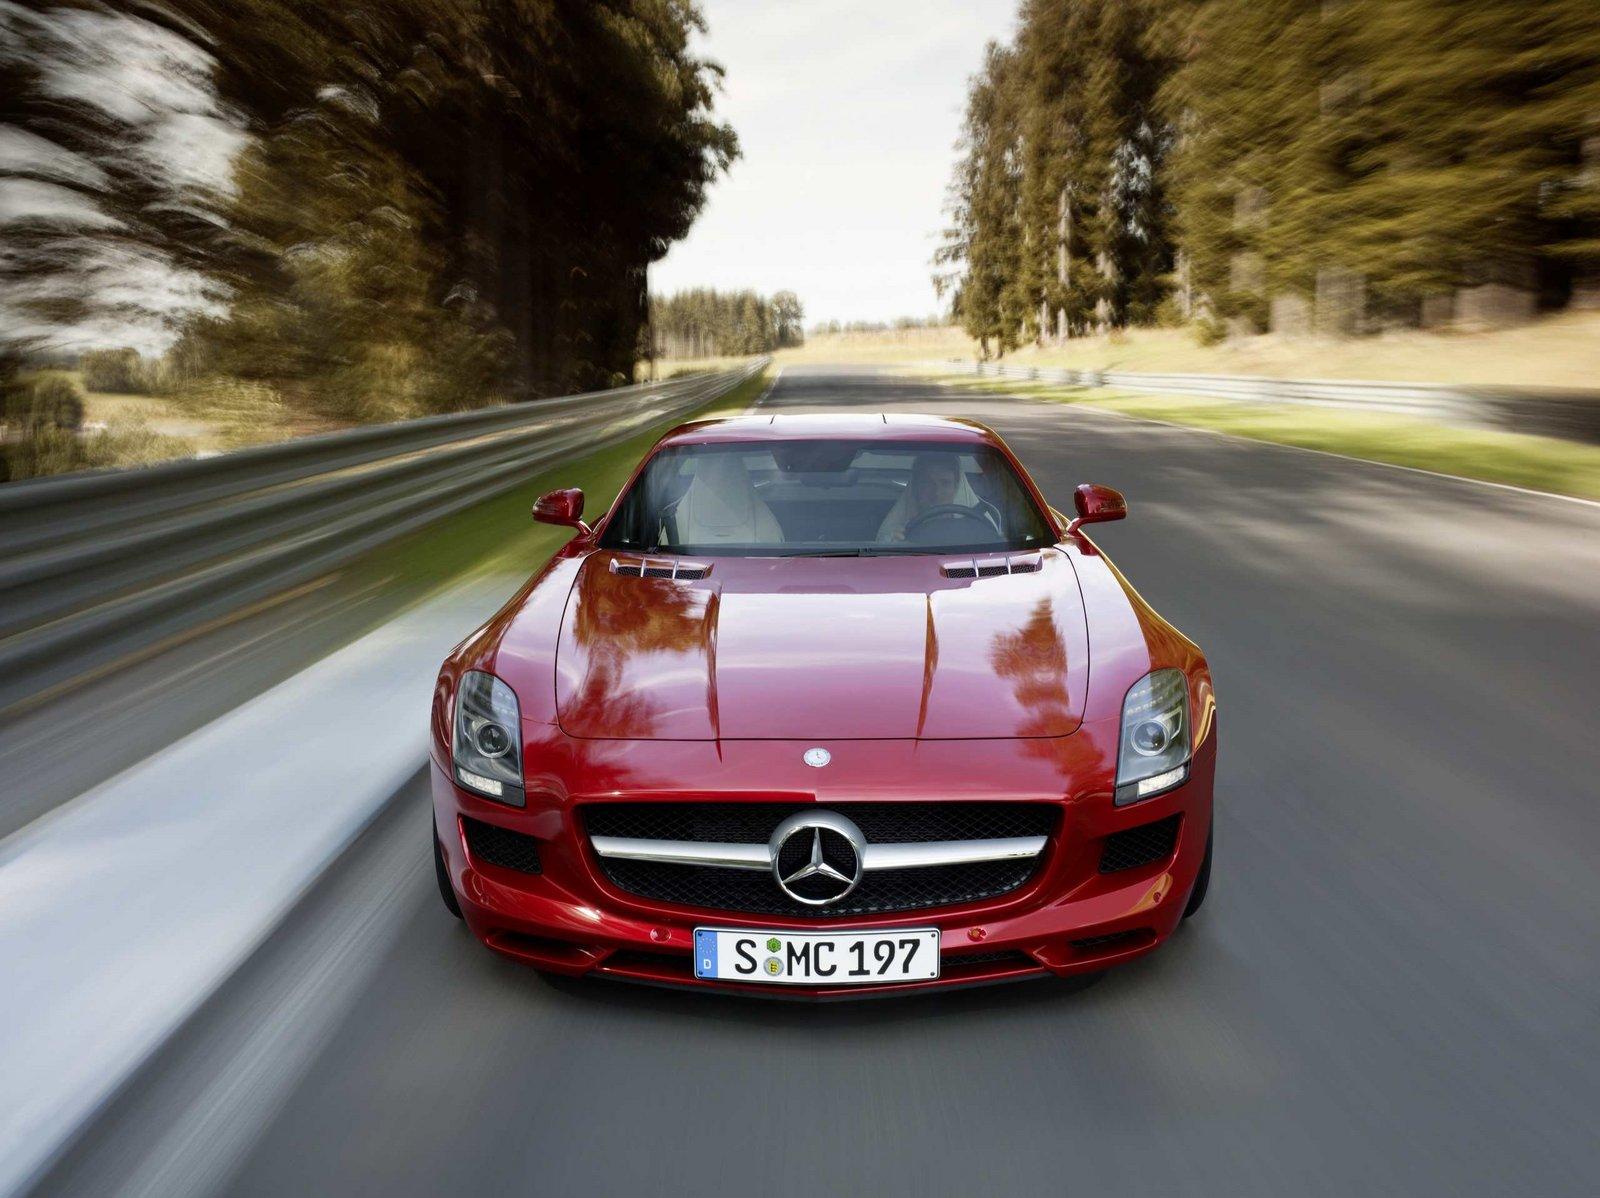 Toyota Of New Bern >> Mercedes Benz SLS AMG Fotos - Gambar Foto Modifikasi Mobil,Harga Mobil Toyota Avanza